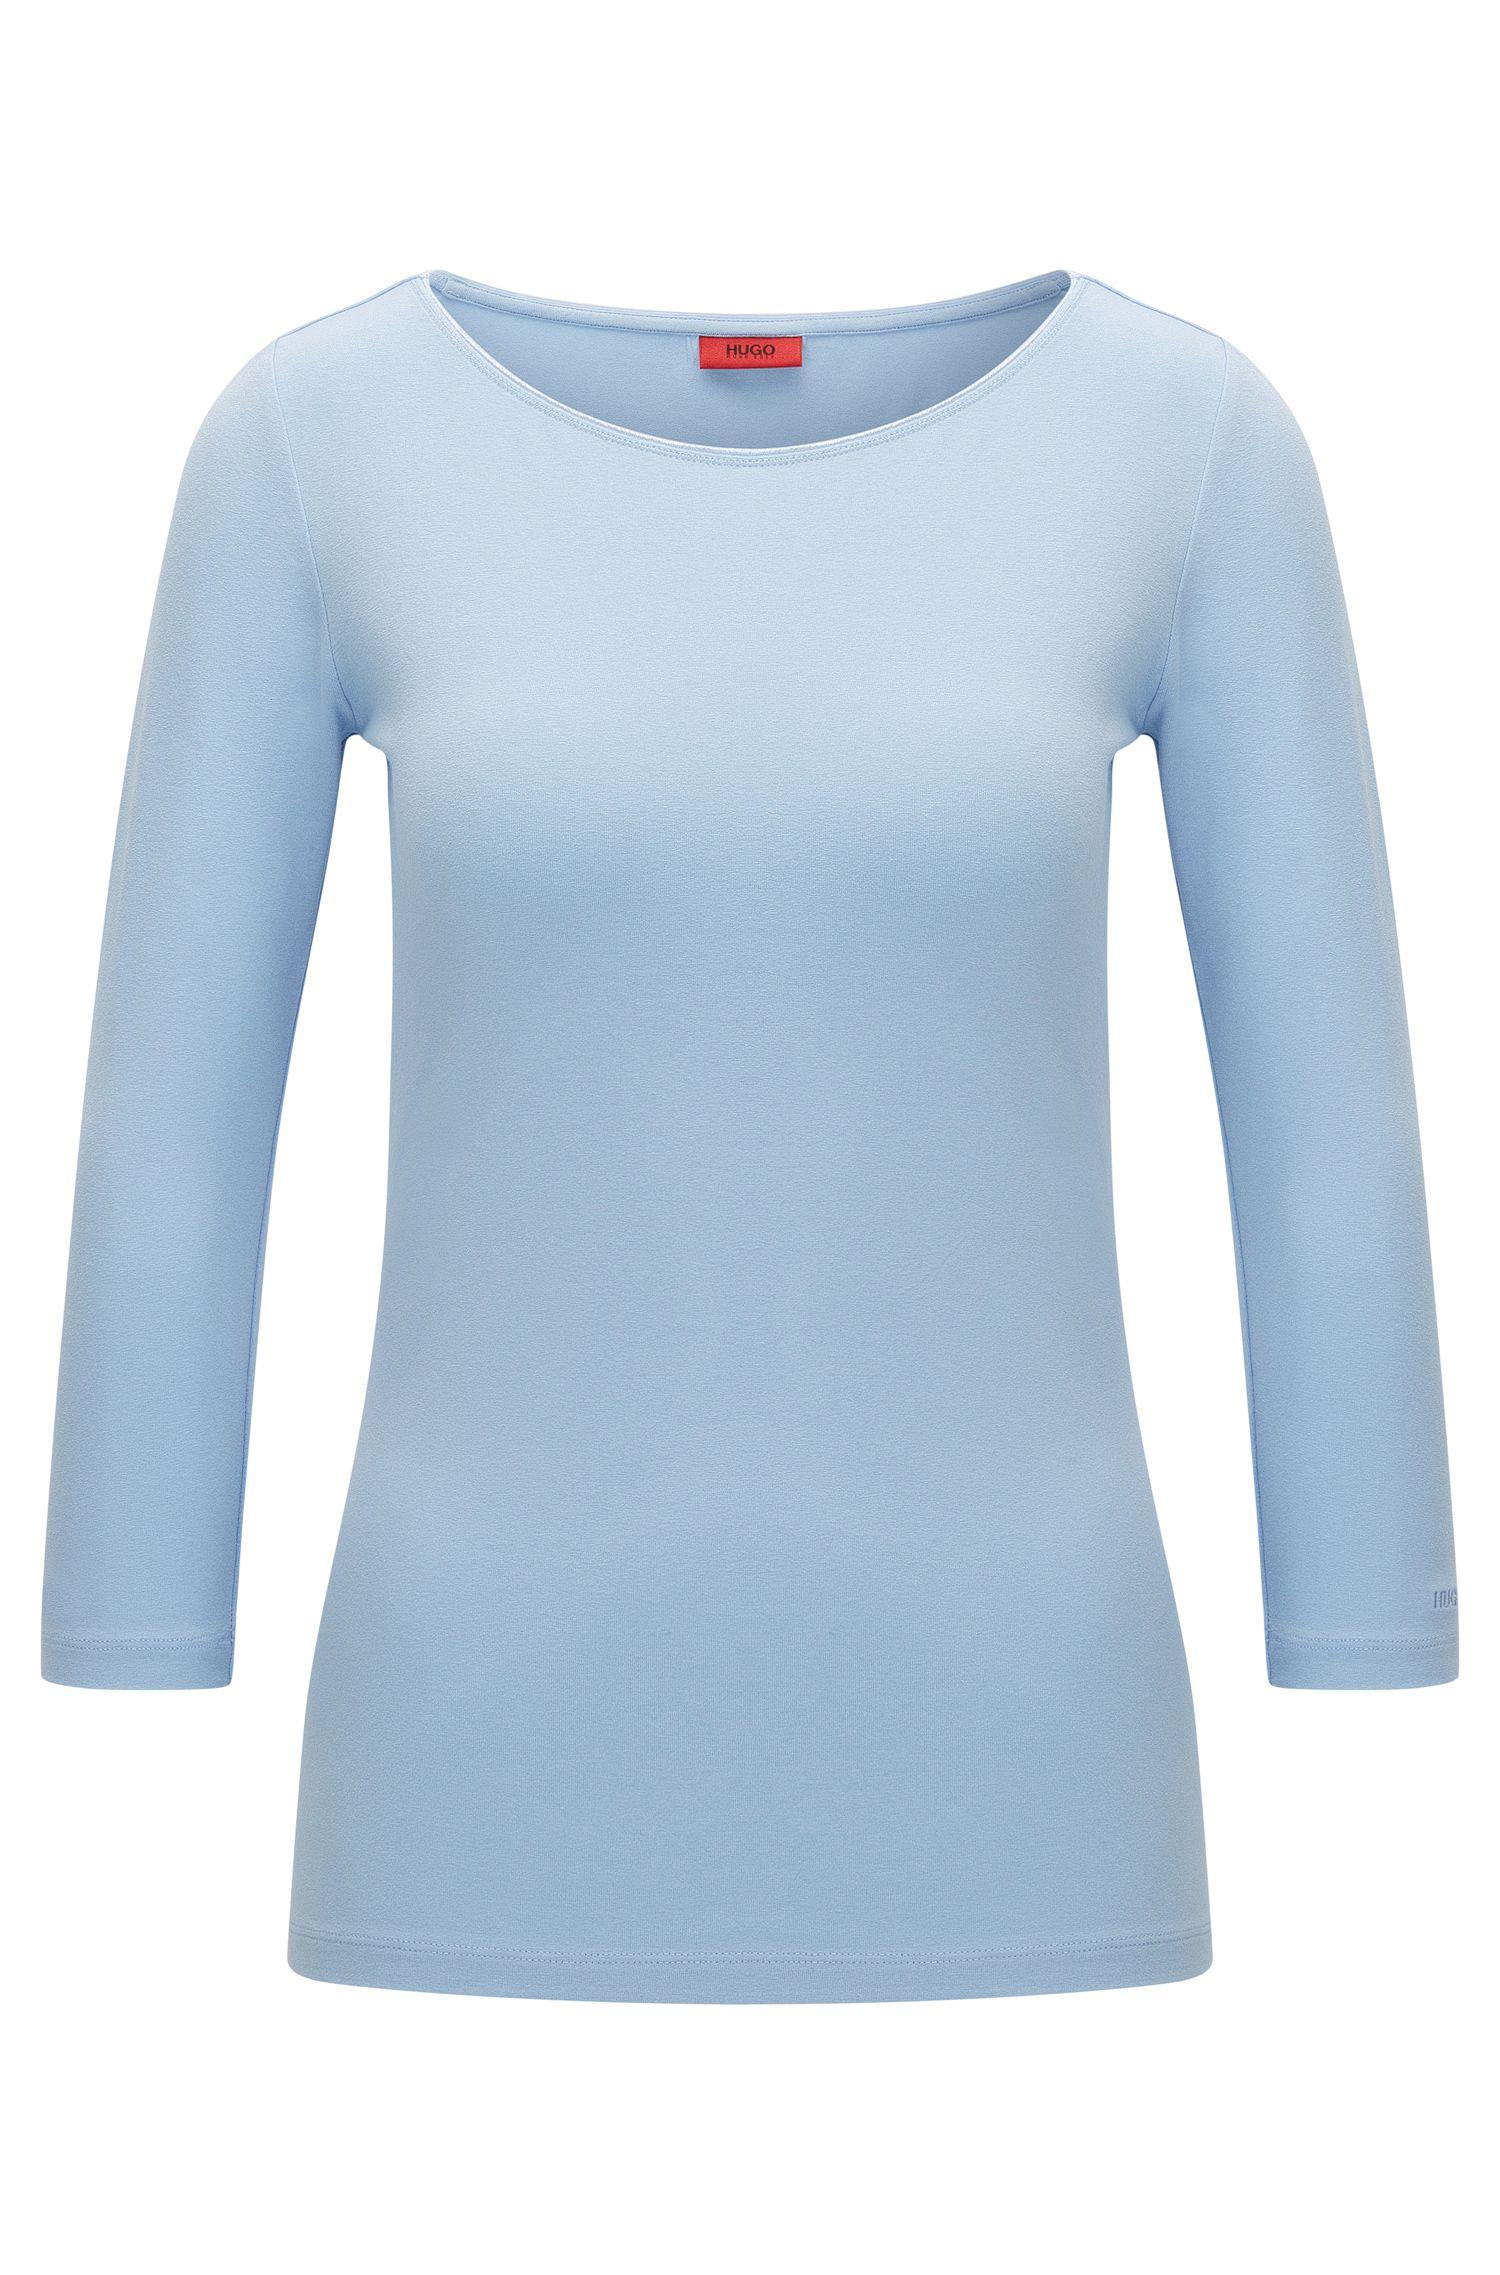 Camiseta de punto sencillo slim fit con cuello barco de HUGO Mujer